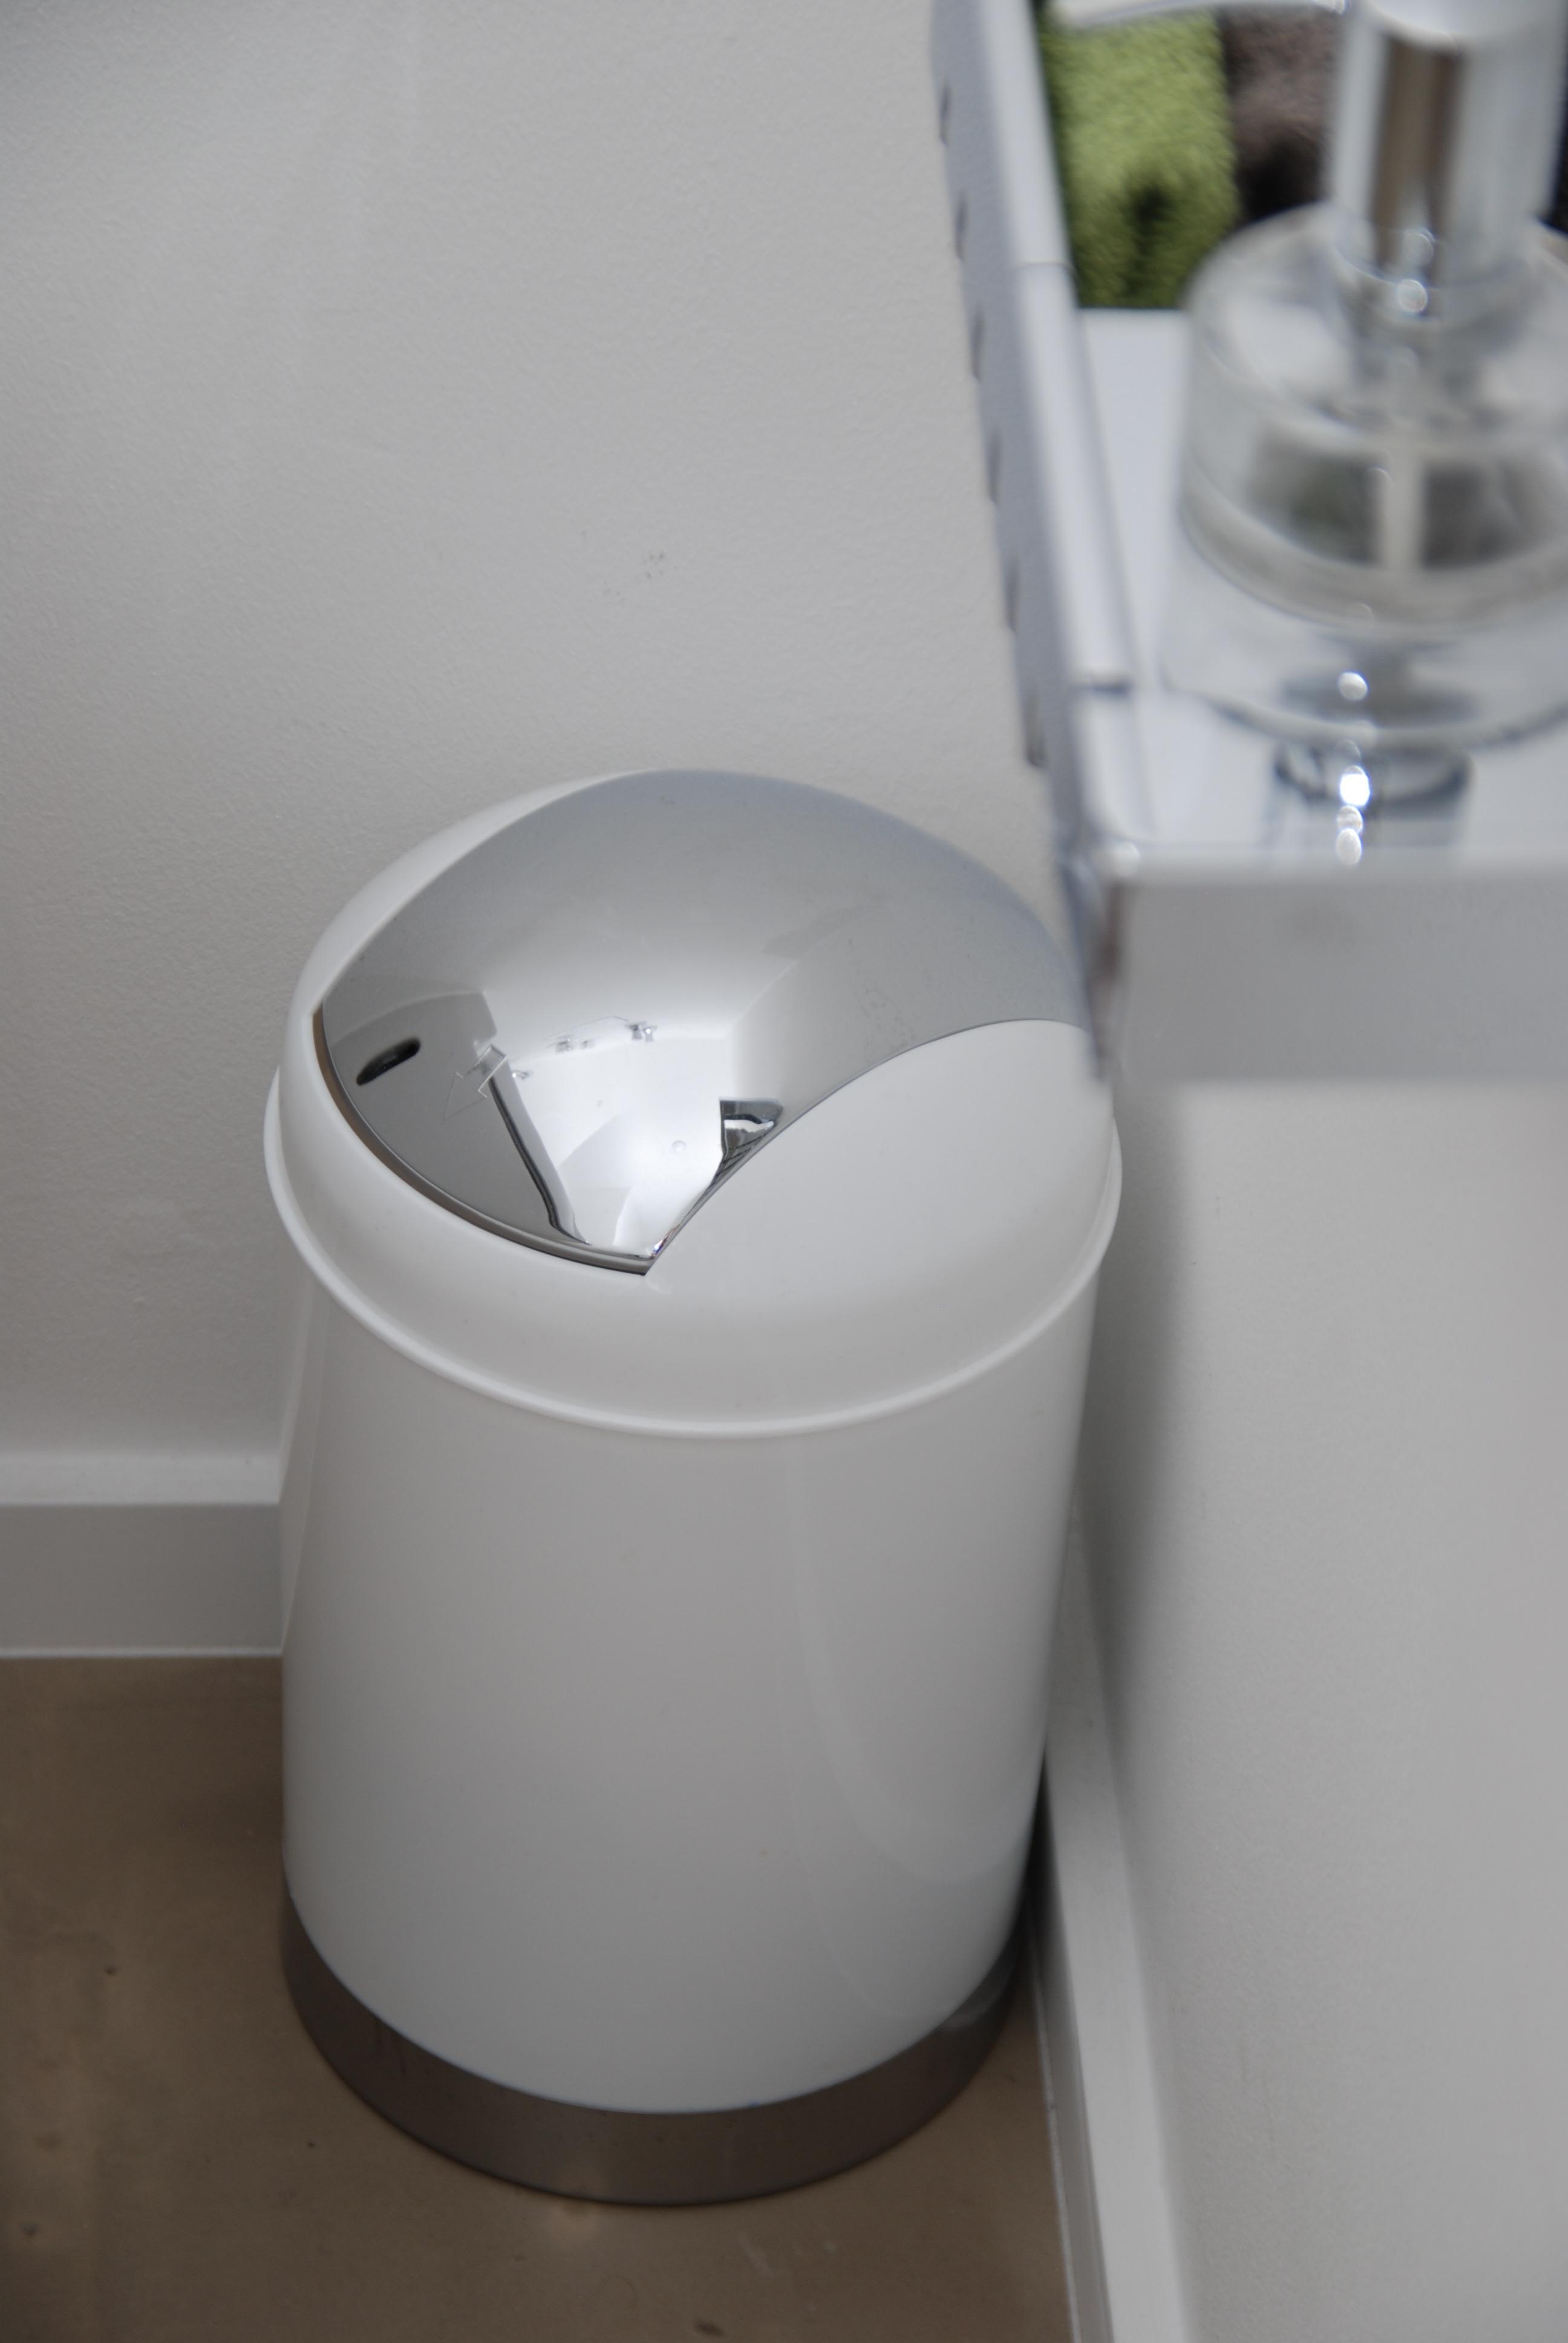 Behälter für gebrauchte Waschhandschuhe a 14,96€